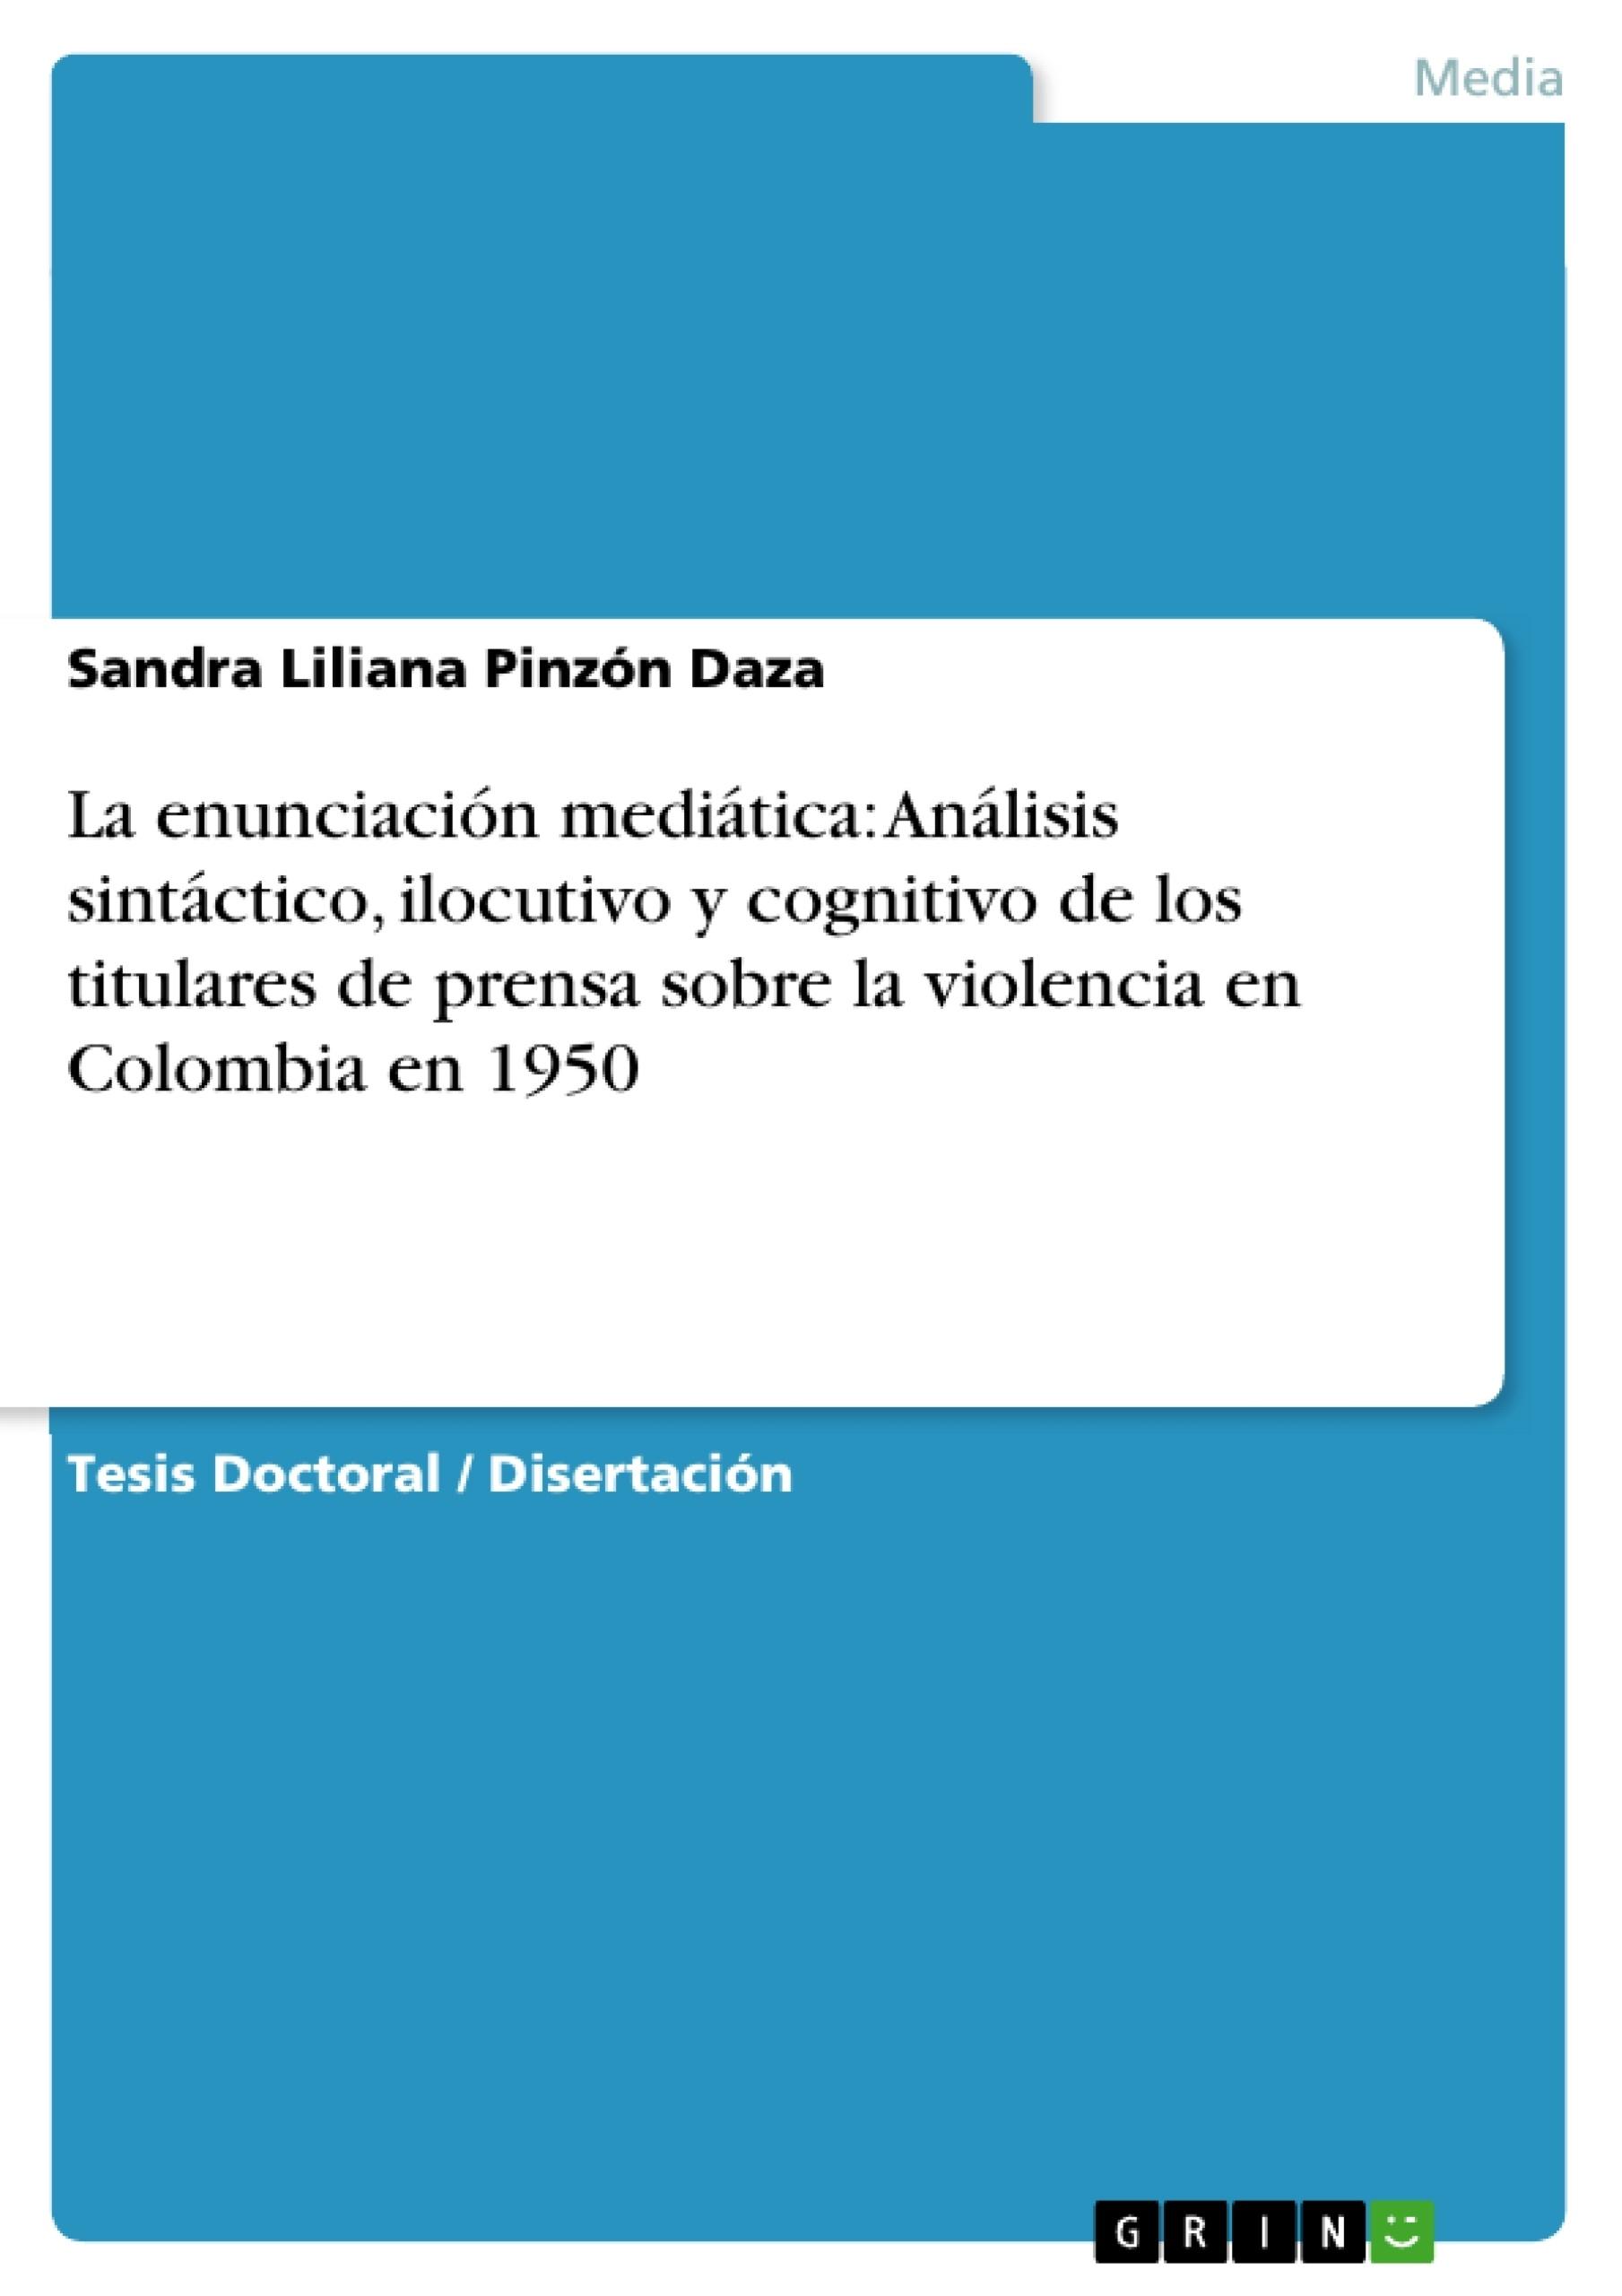 Título: La enunciación mediática: Análisis sintáctico, ilocutivo y cognitivo de los titulares de prensa sobre la violencia en Colombia en 1950